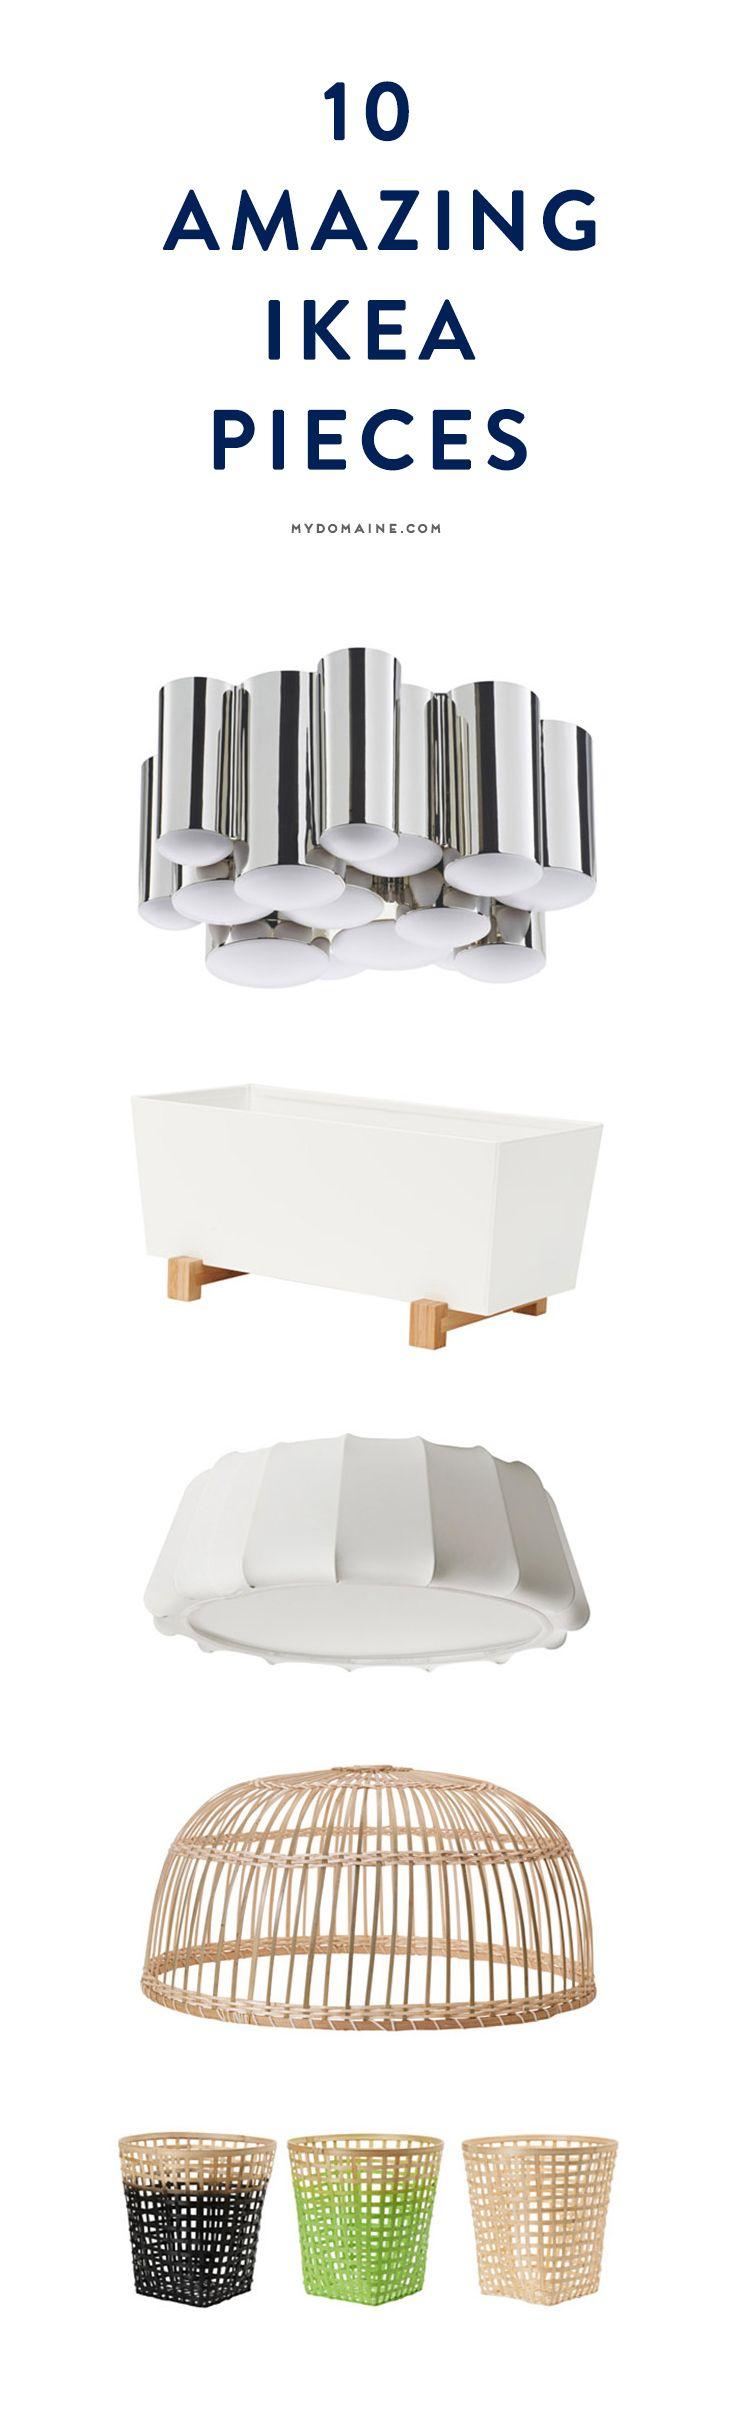 IKEA has done it again // furniture